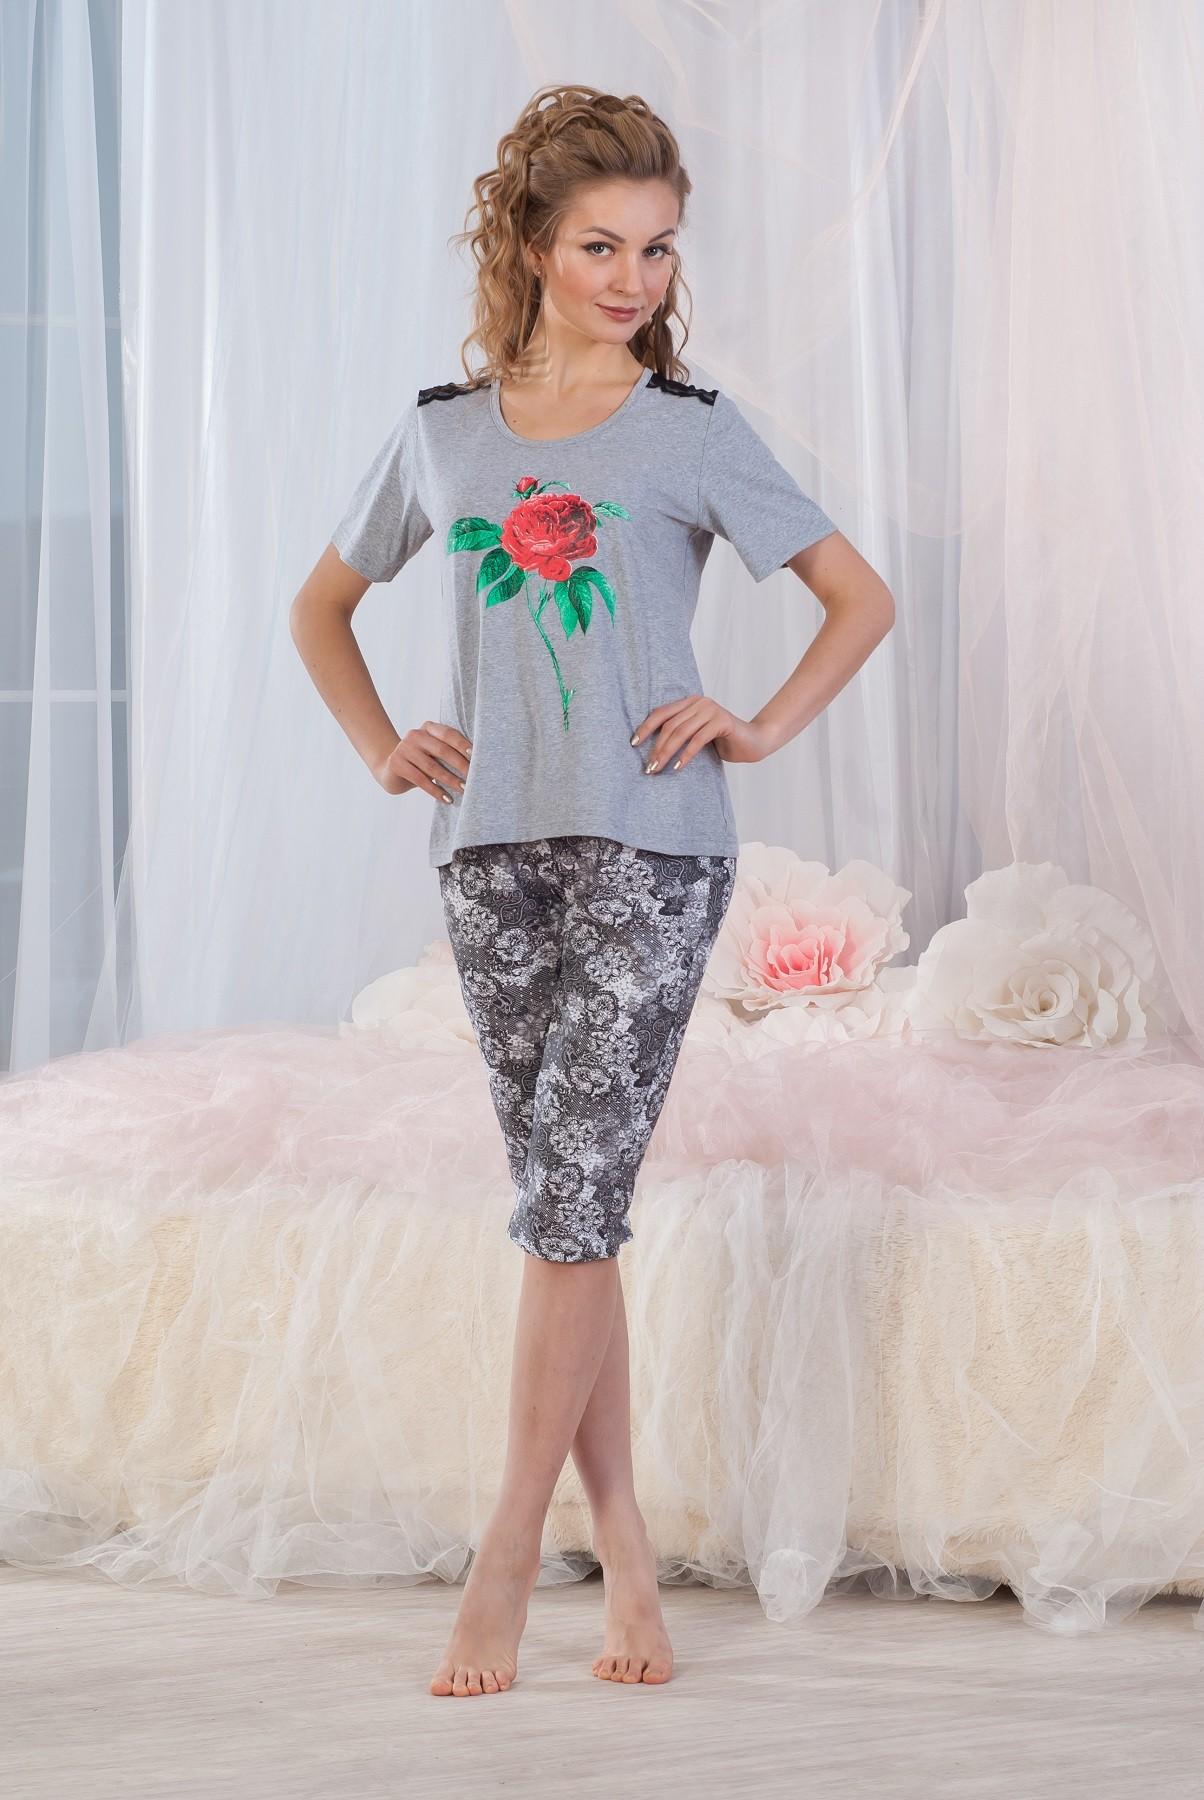 Костюм женский Узоры футболка и бриджиДомашняя одежда<br><br><br>Размер: 46